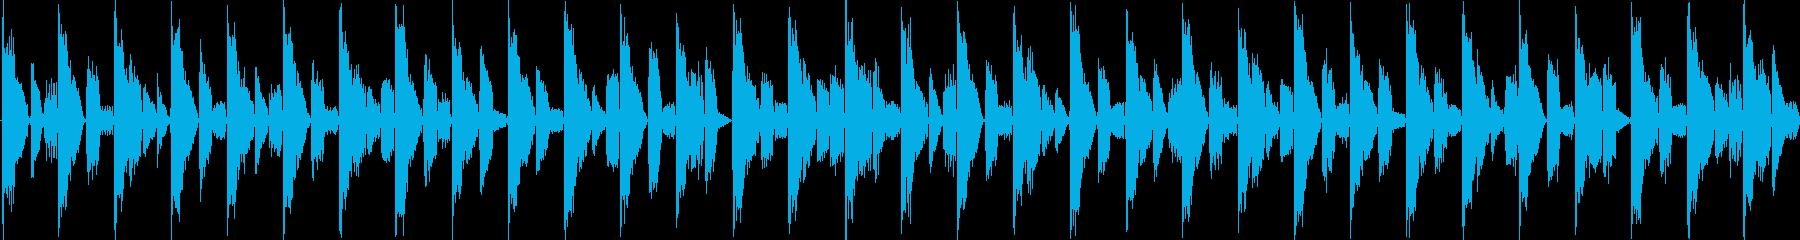 リズムを強調した楽曲です。淡々と伸びや…の再生済みの波形